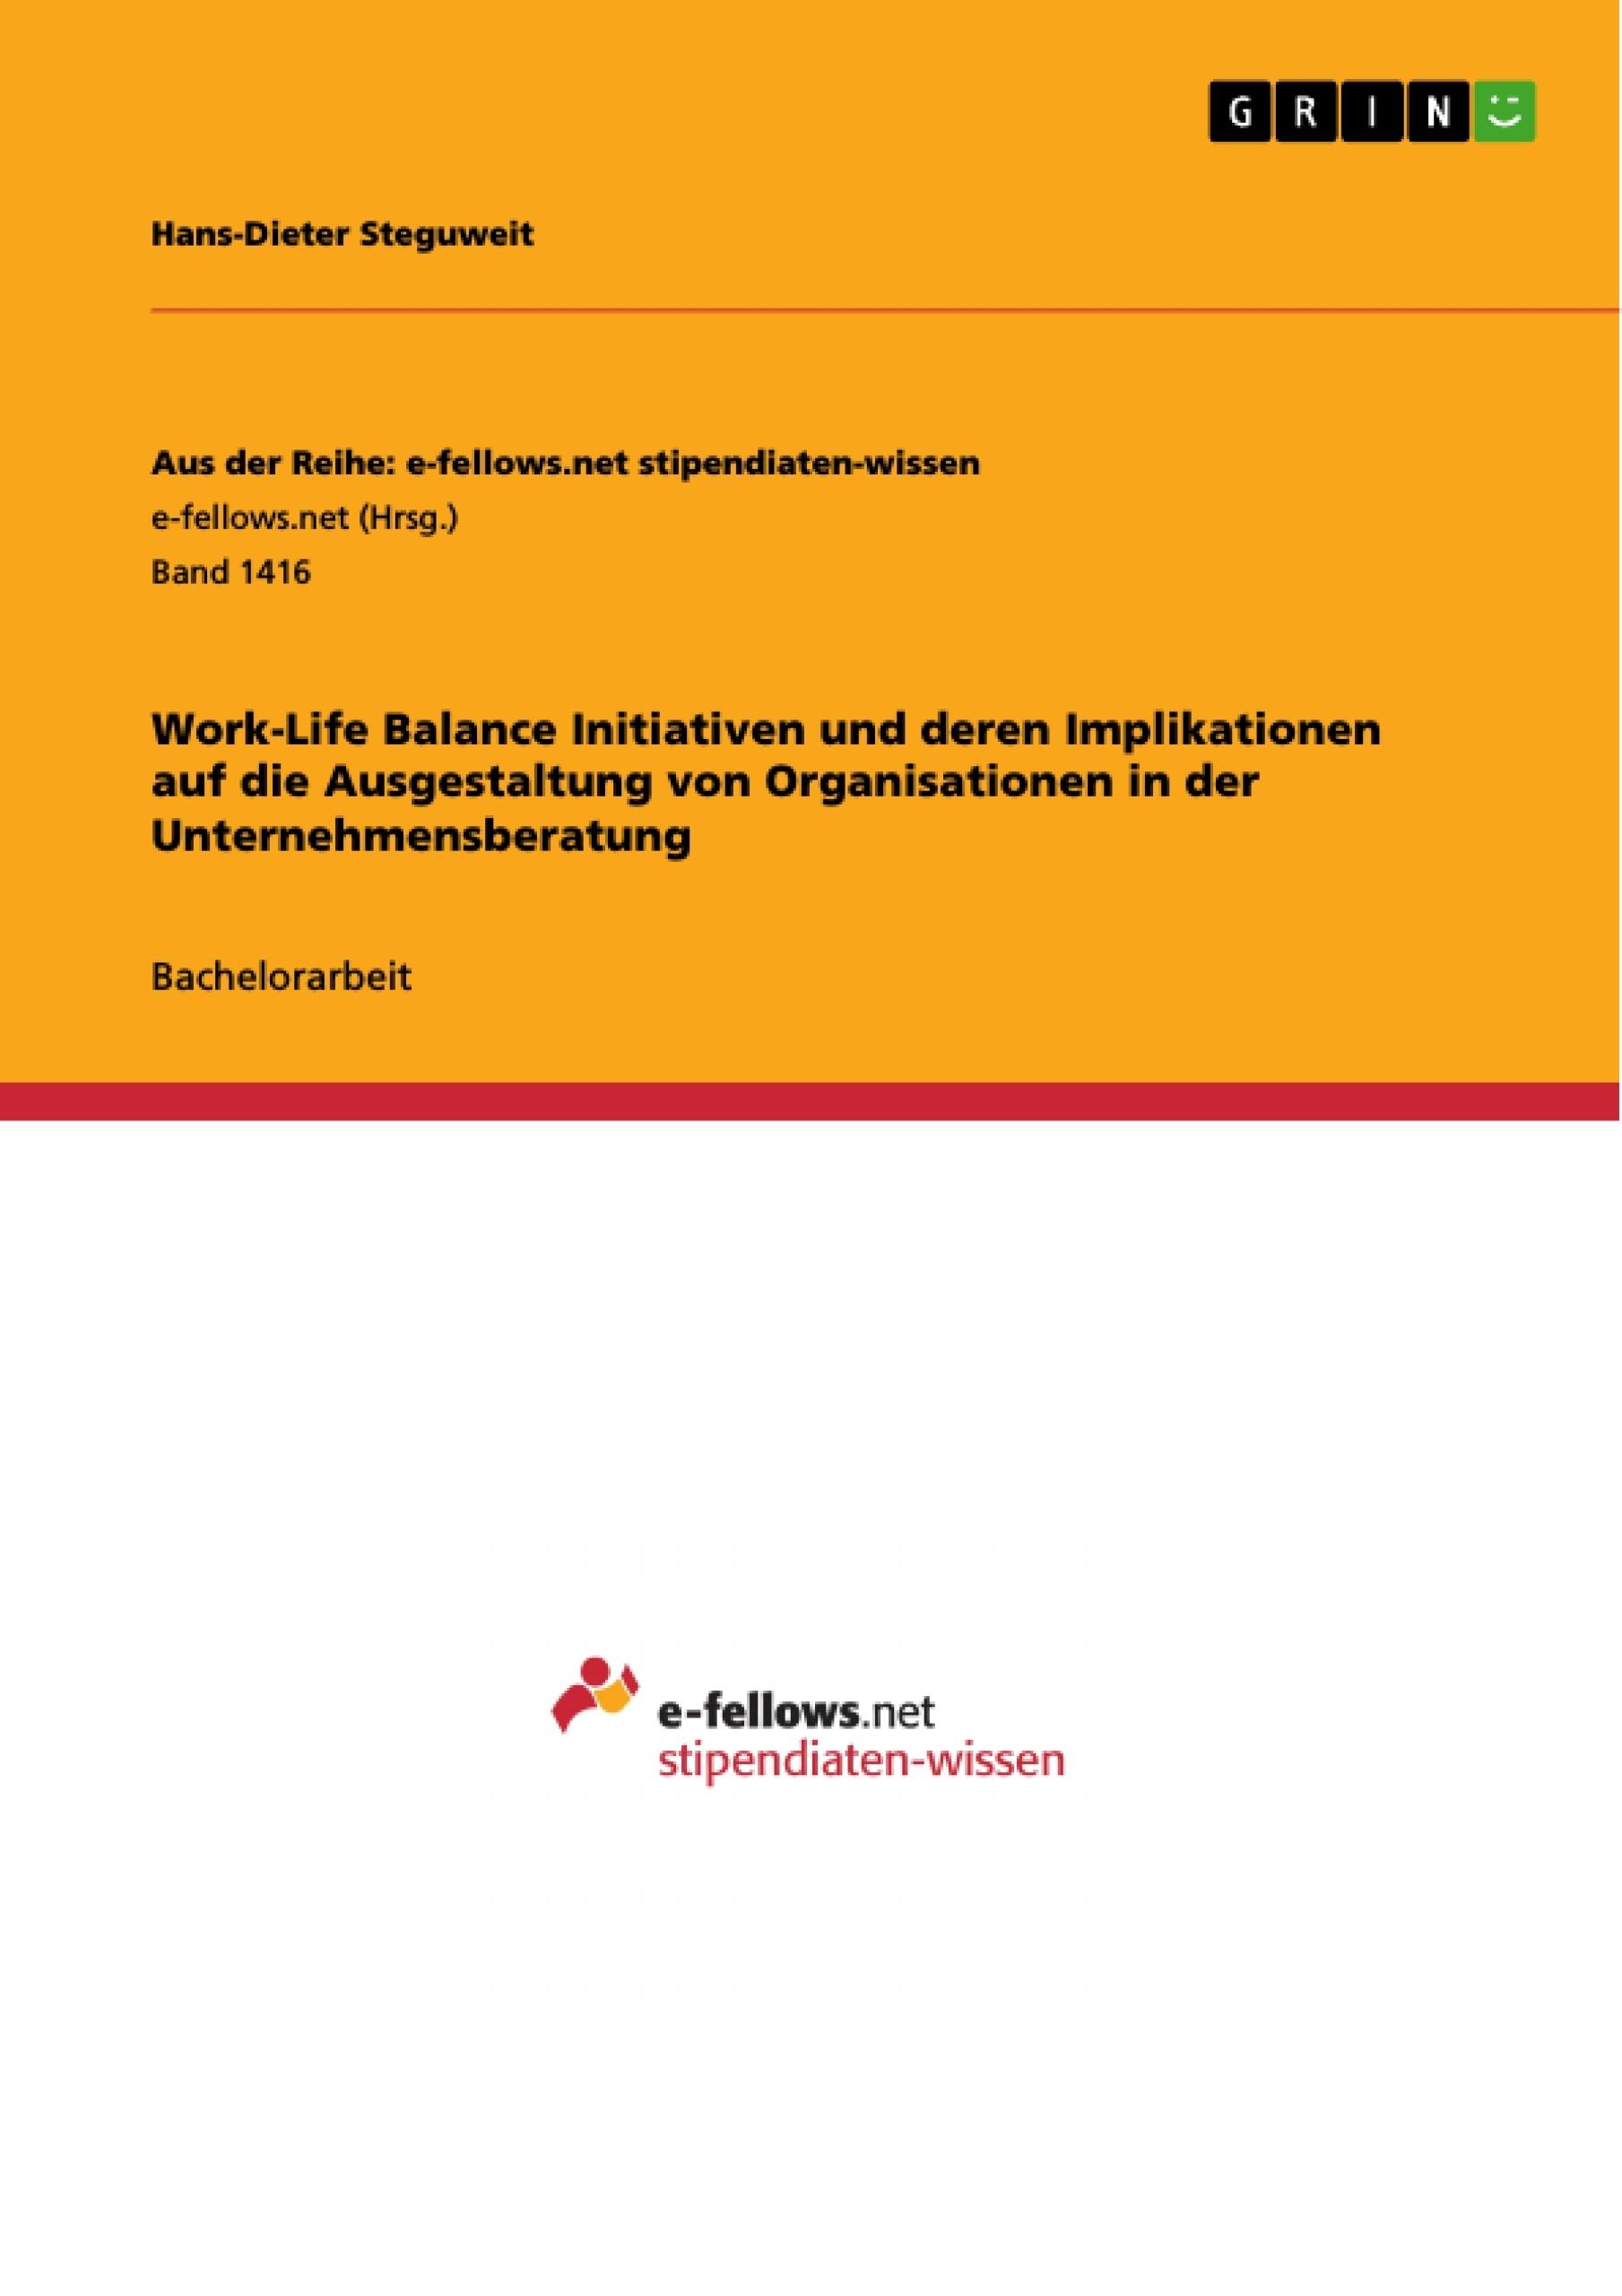 Titel: Work-Life Balance Initiativen und deren Implikationen auf die Ausgestaltung von Organisationen in der Unternehmensberatung